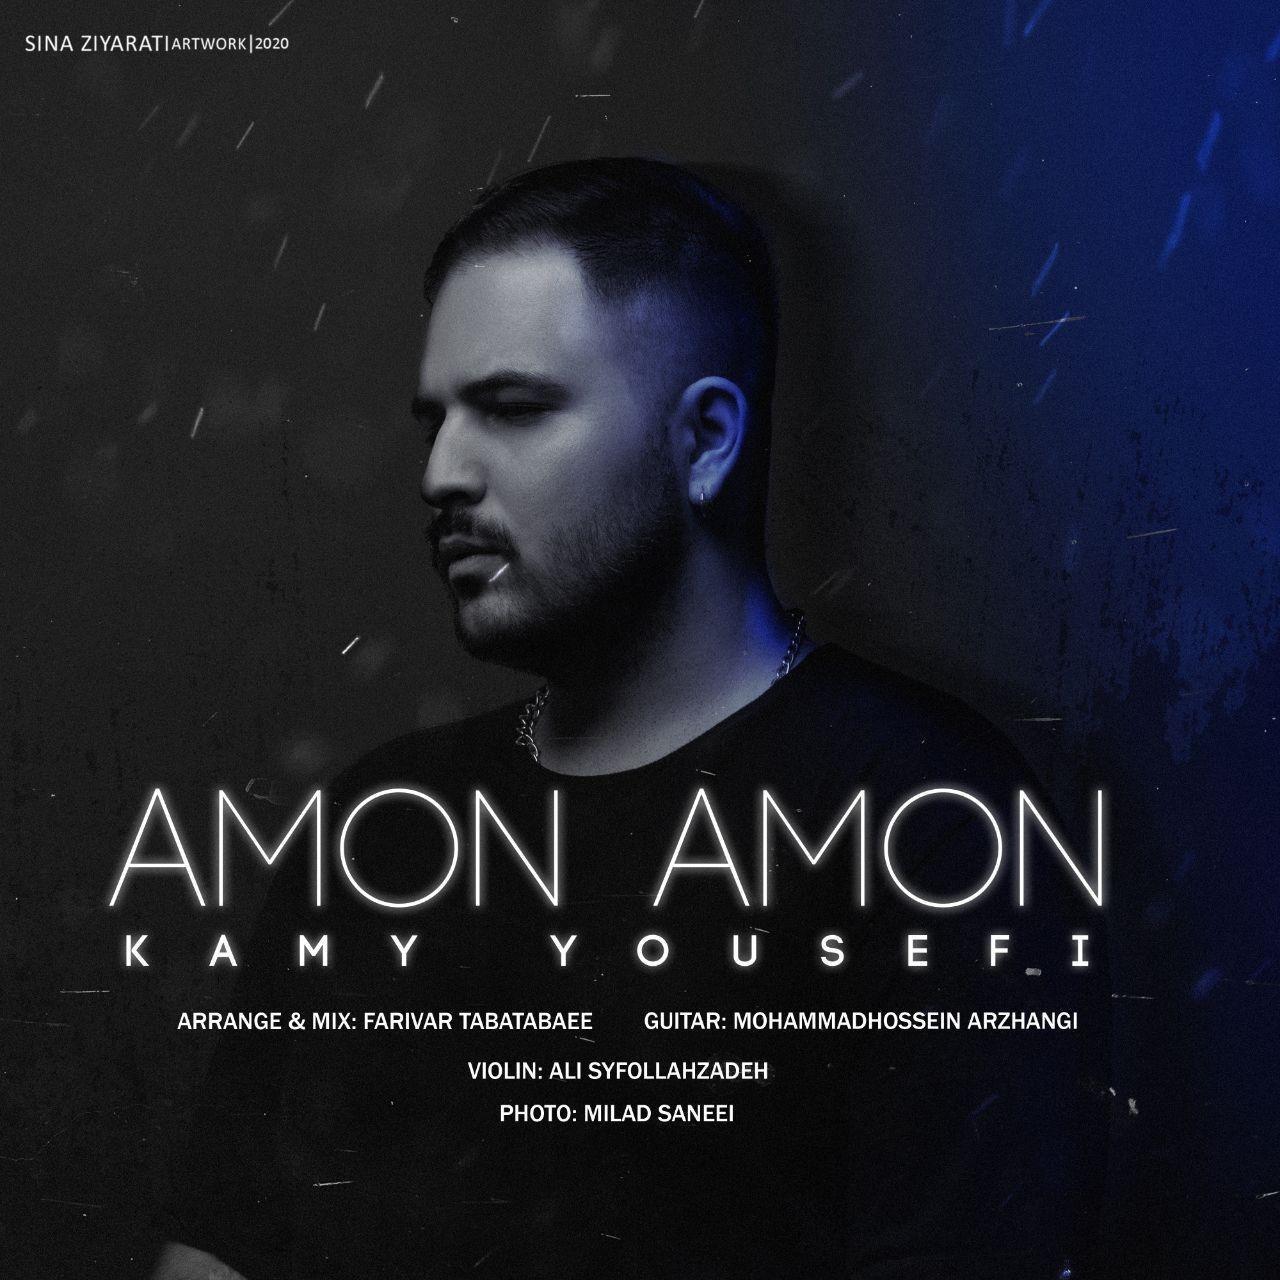 Kamy Yousefi – Amoon Amoon